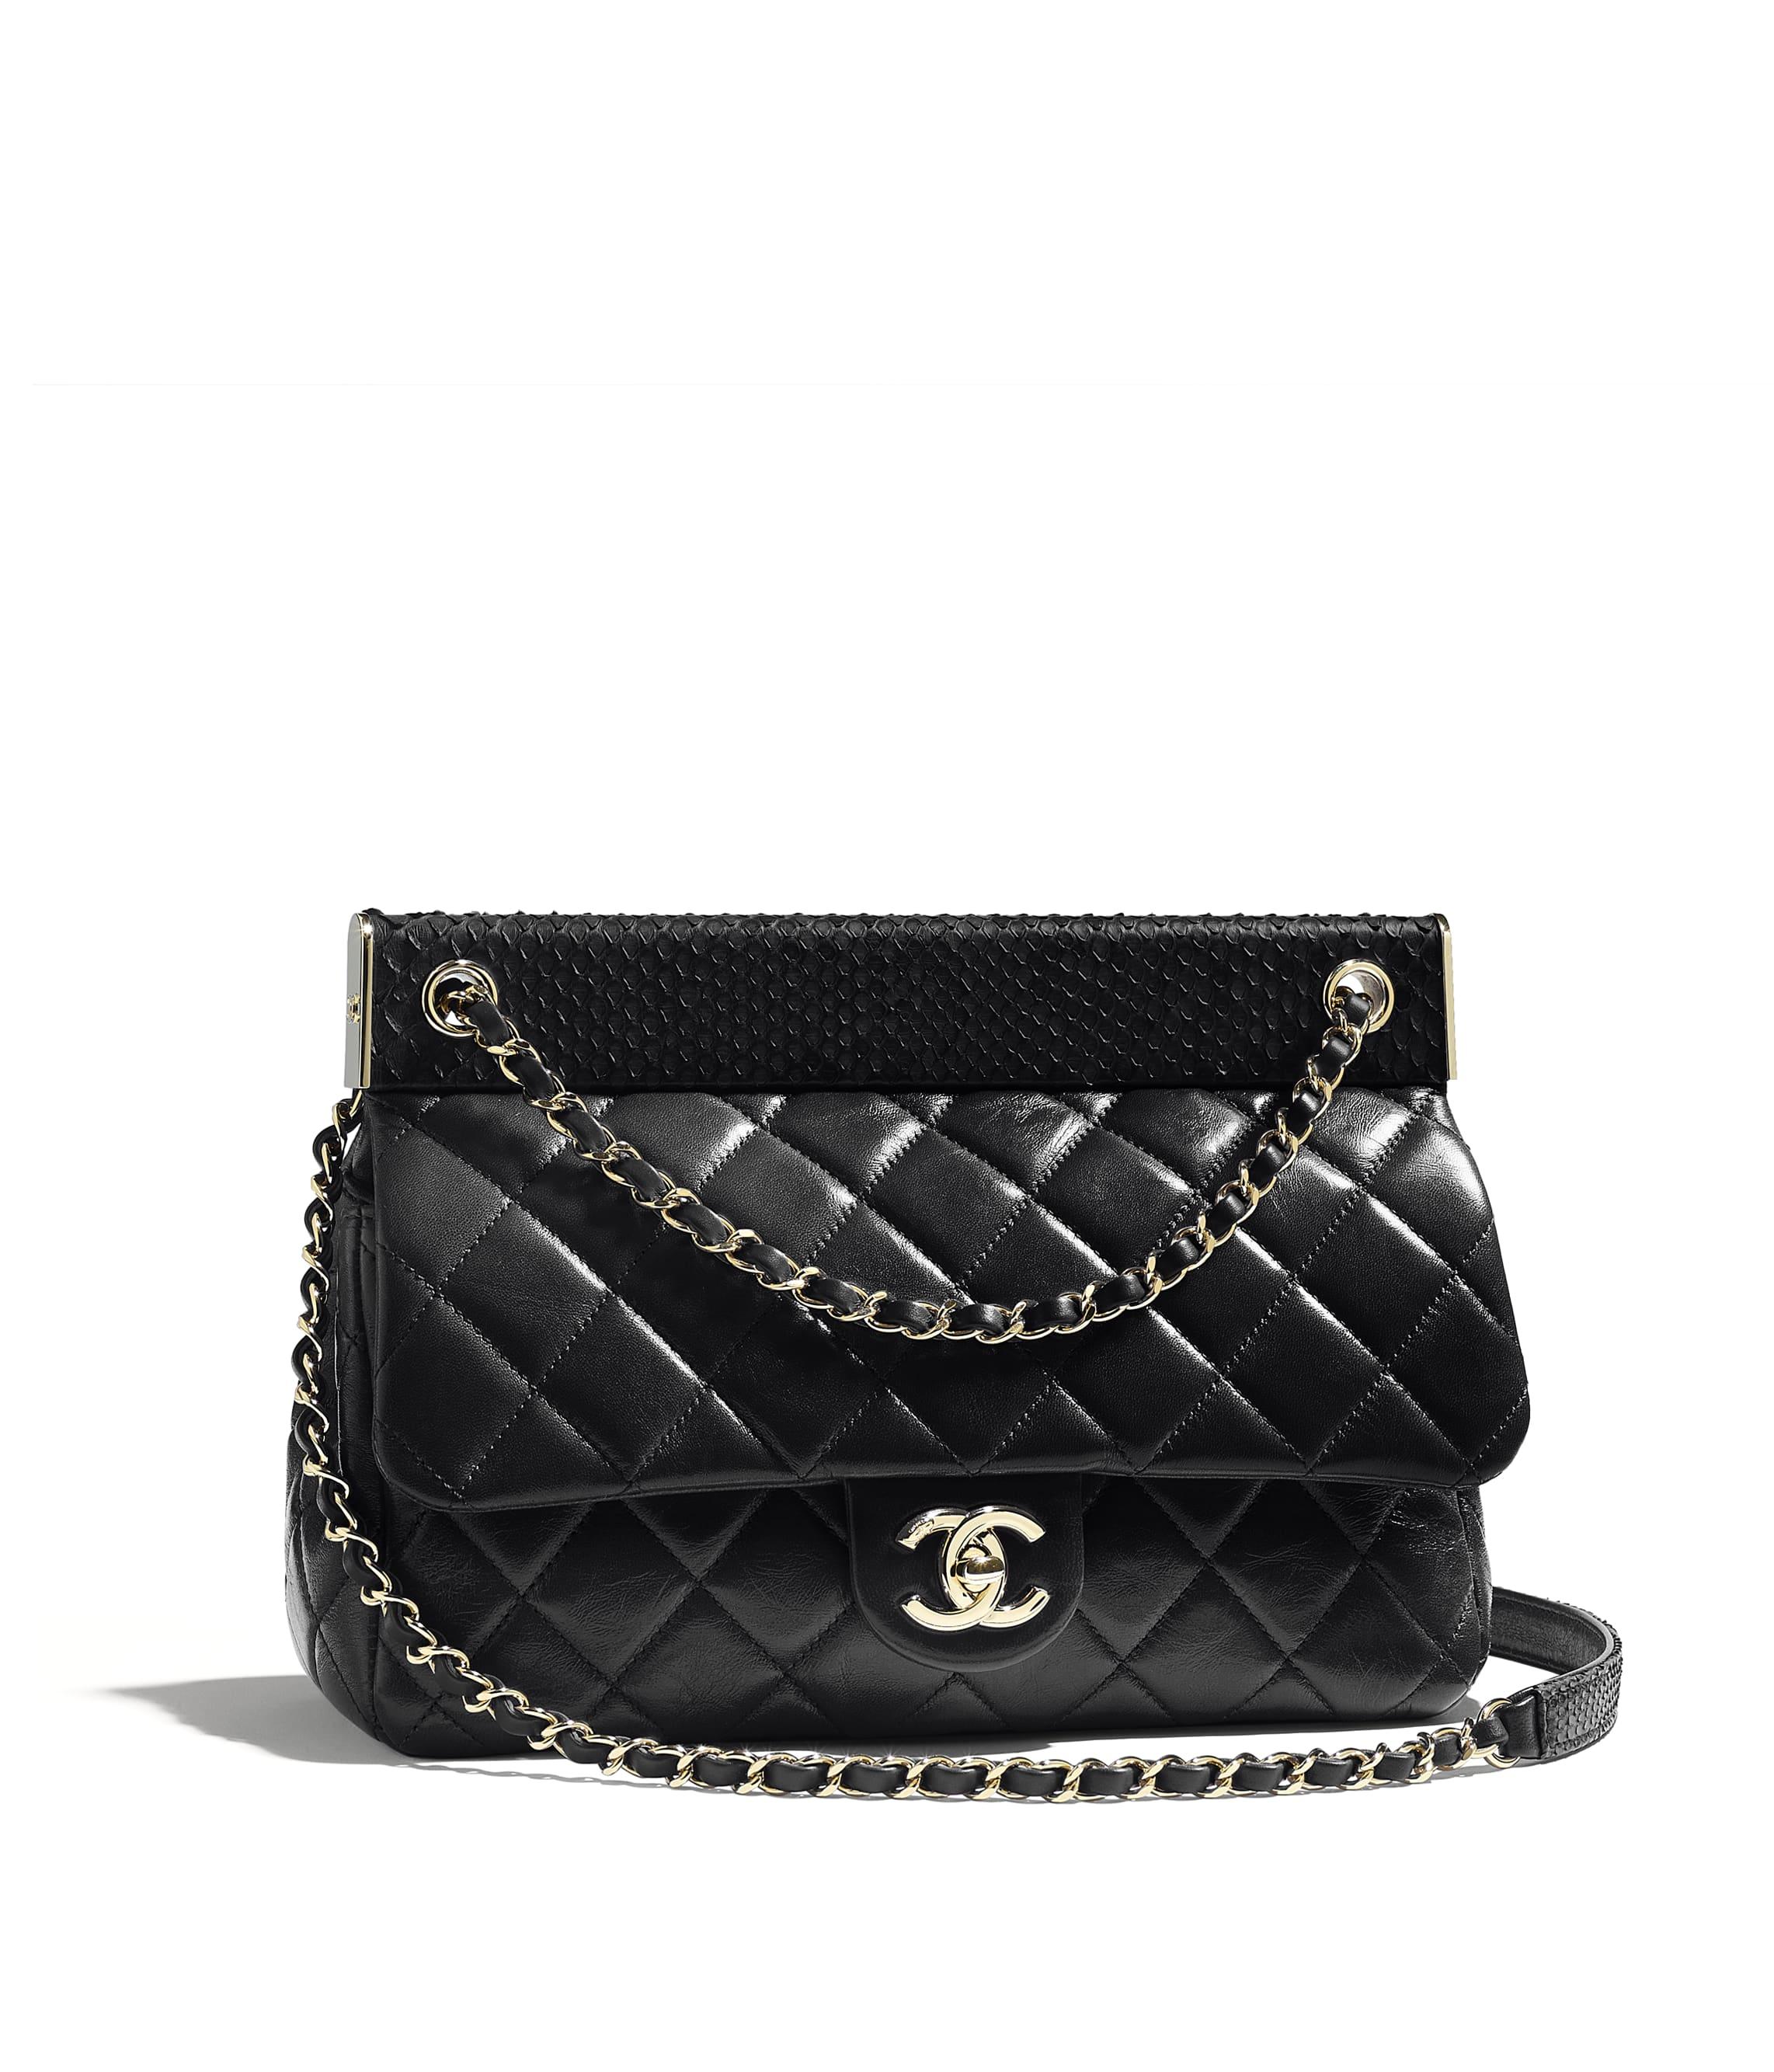 7b328e4bde Magasin Outlet pour chanel sac boutique en ligne pas cher - mes ...